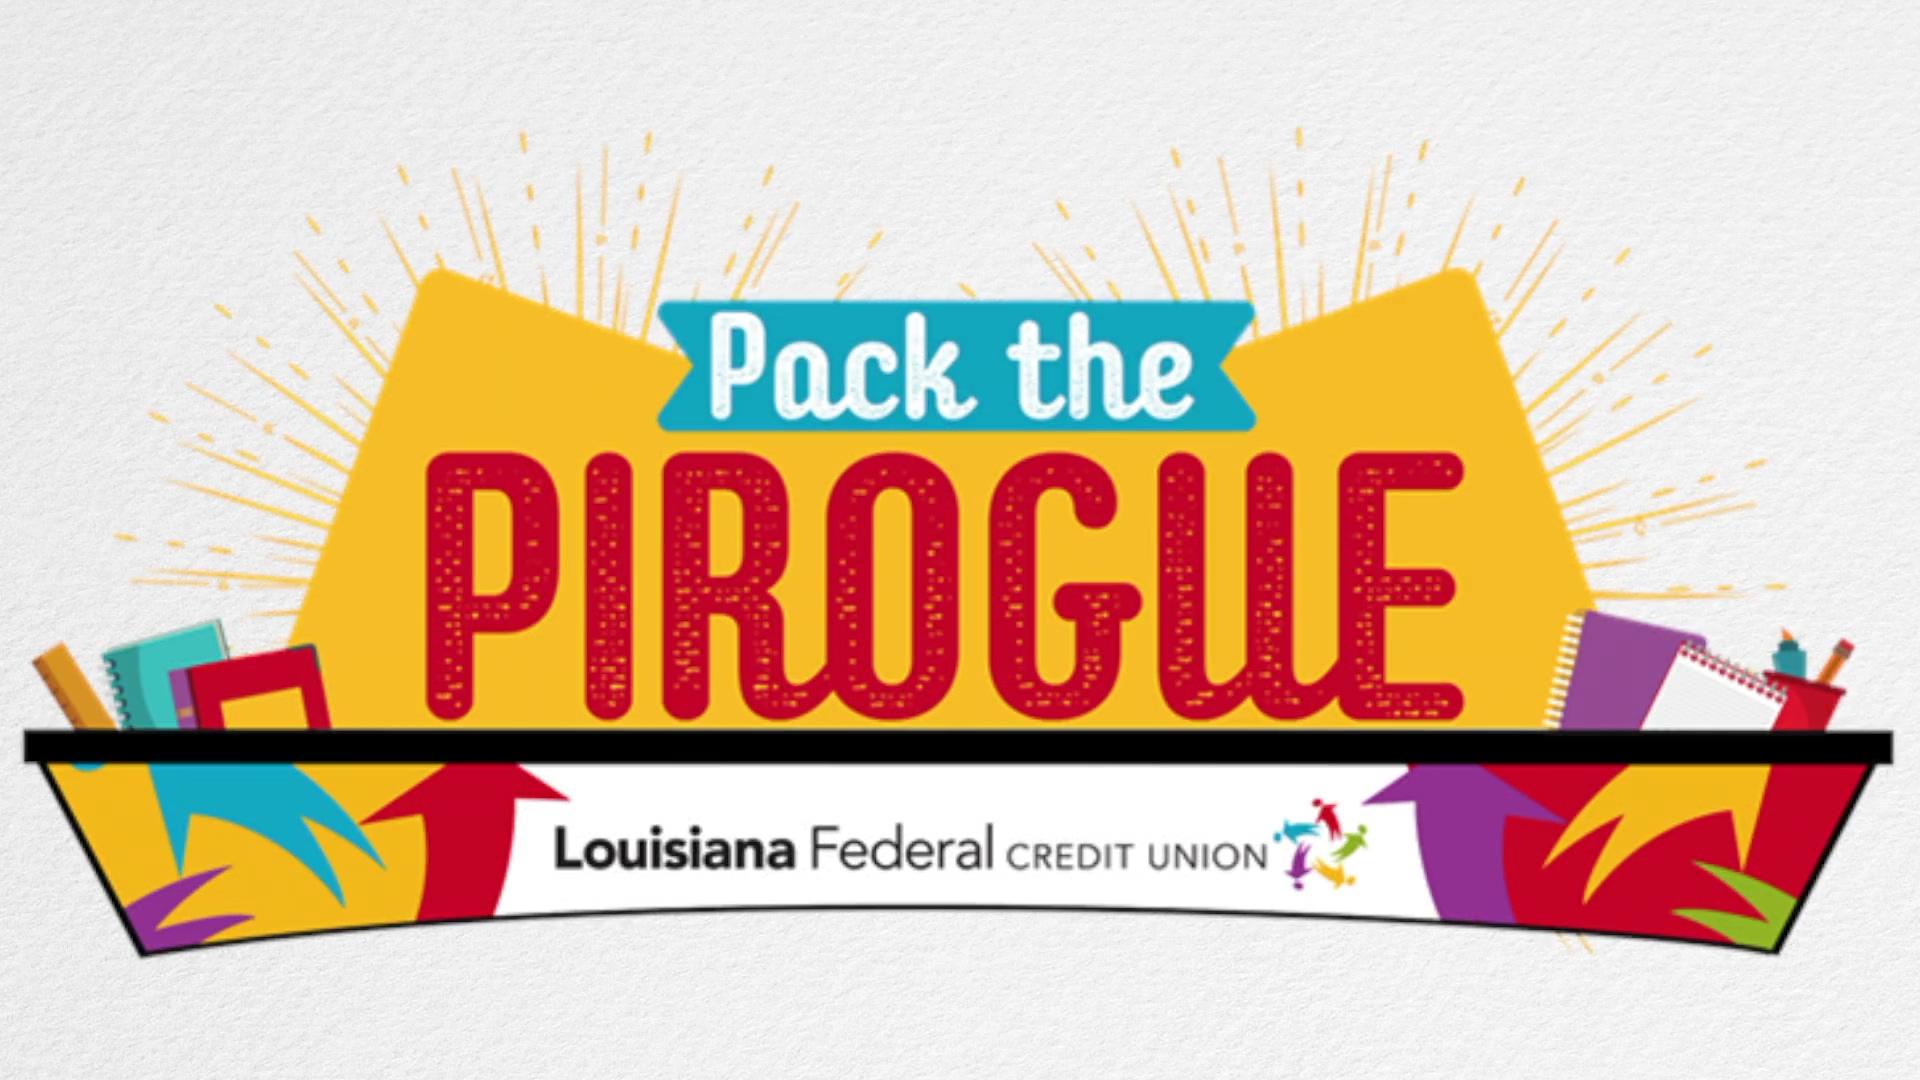 Pack the Pirogue Slideshow